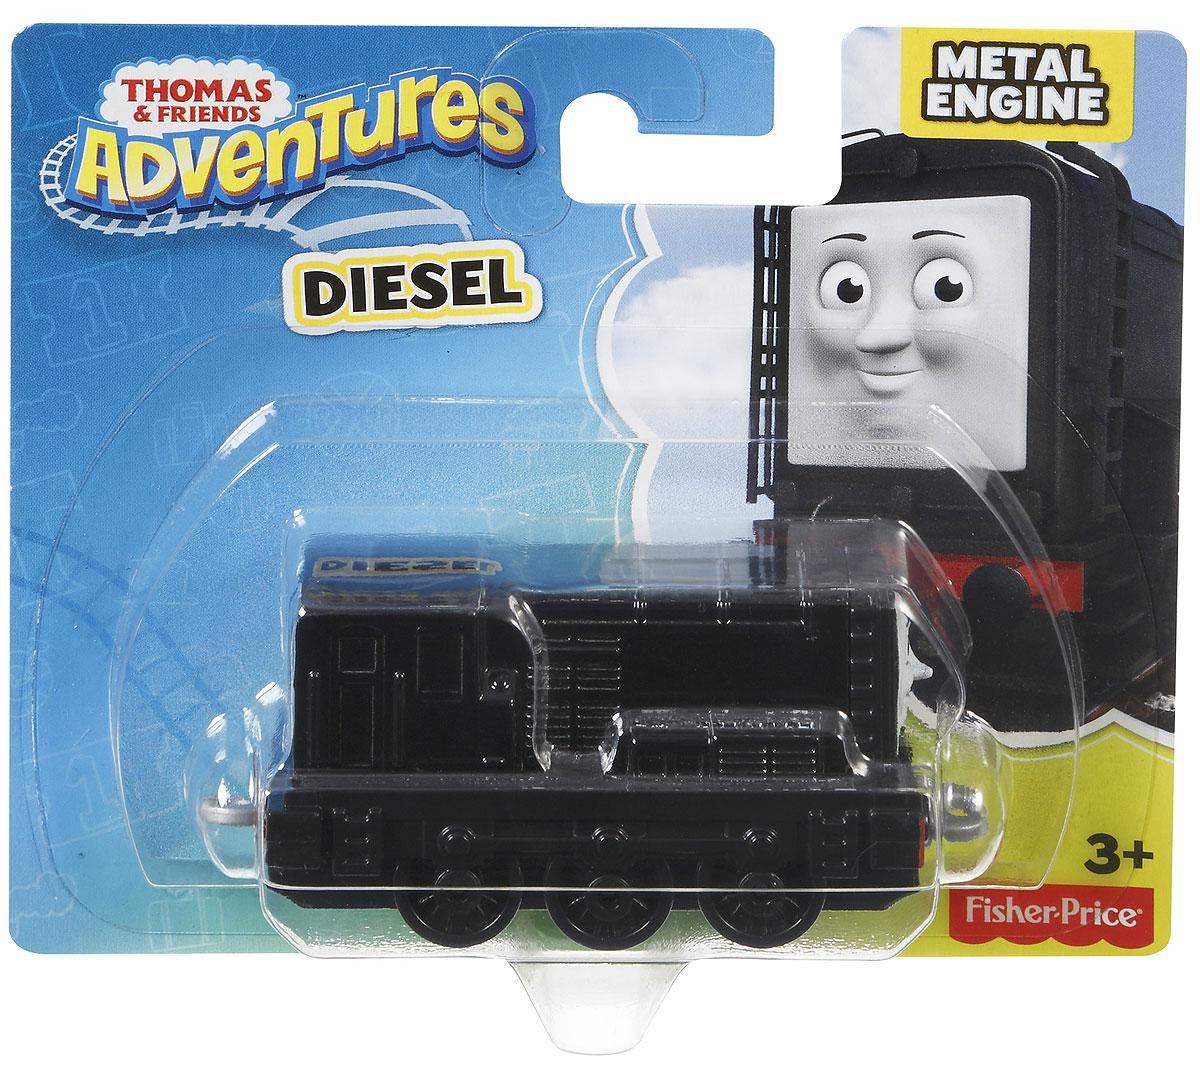 Thomas & Friends Паровозик ДизельDWM28_DXT31Коллекция надежных литых поездов Томас и его друзья с пластиковыми креплениями, чтобы соединять с другими поездами или тендерами из серии Приключения Томаса и его друзей. Идеально для использования с поездами, трассами и наборами Приключения Томаса и его друзей (продаются отдельно, наличие не гарантировано). Помогает развивать крупную моторику и восприятие, развивает воображение.